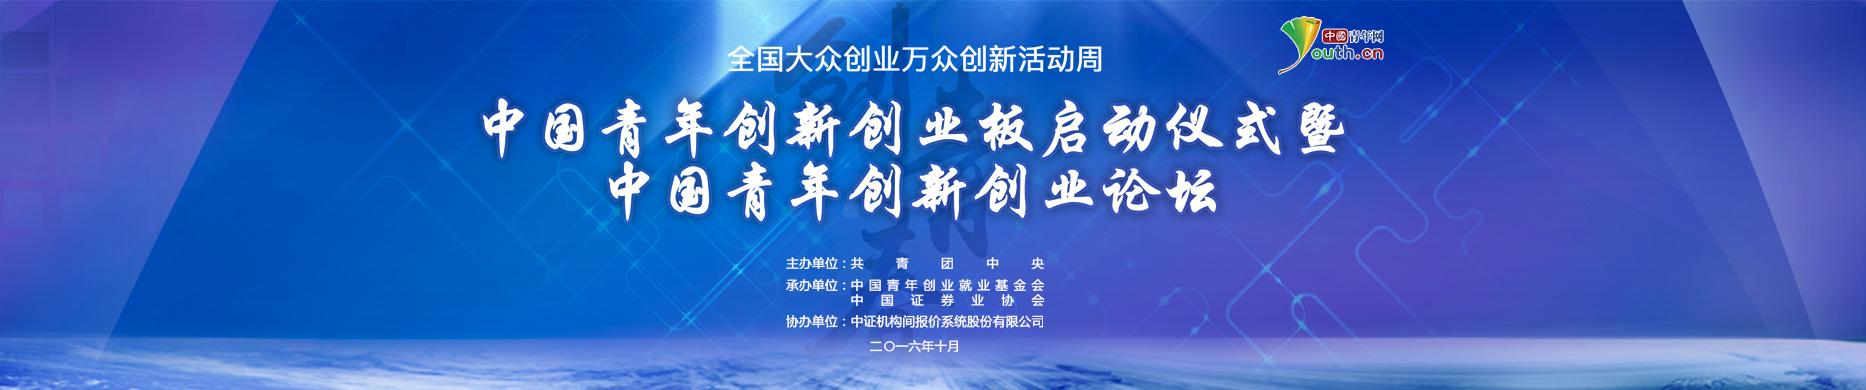 中国青年创新创业板,是在共青团中央和中国证券业协会的指导和支持下